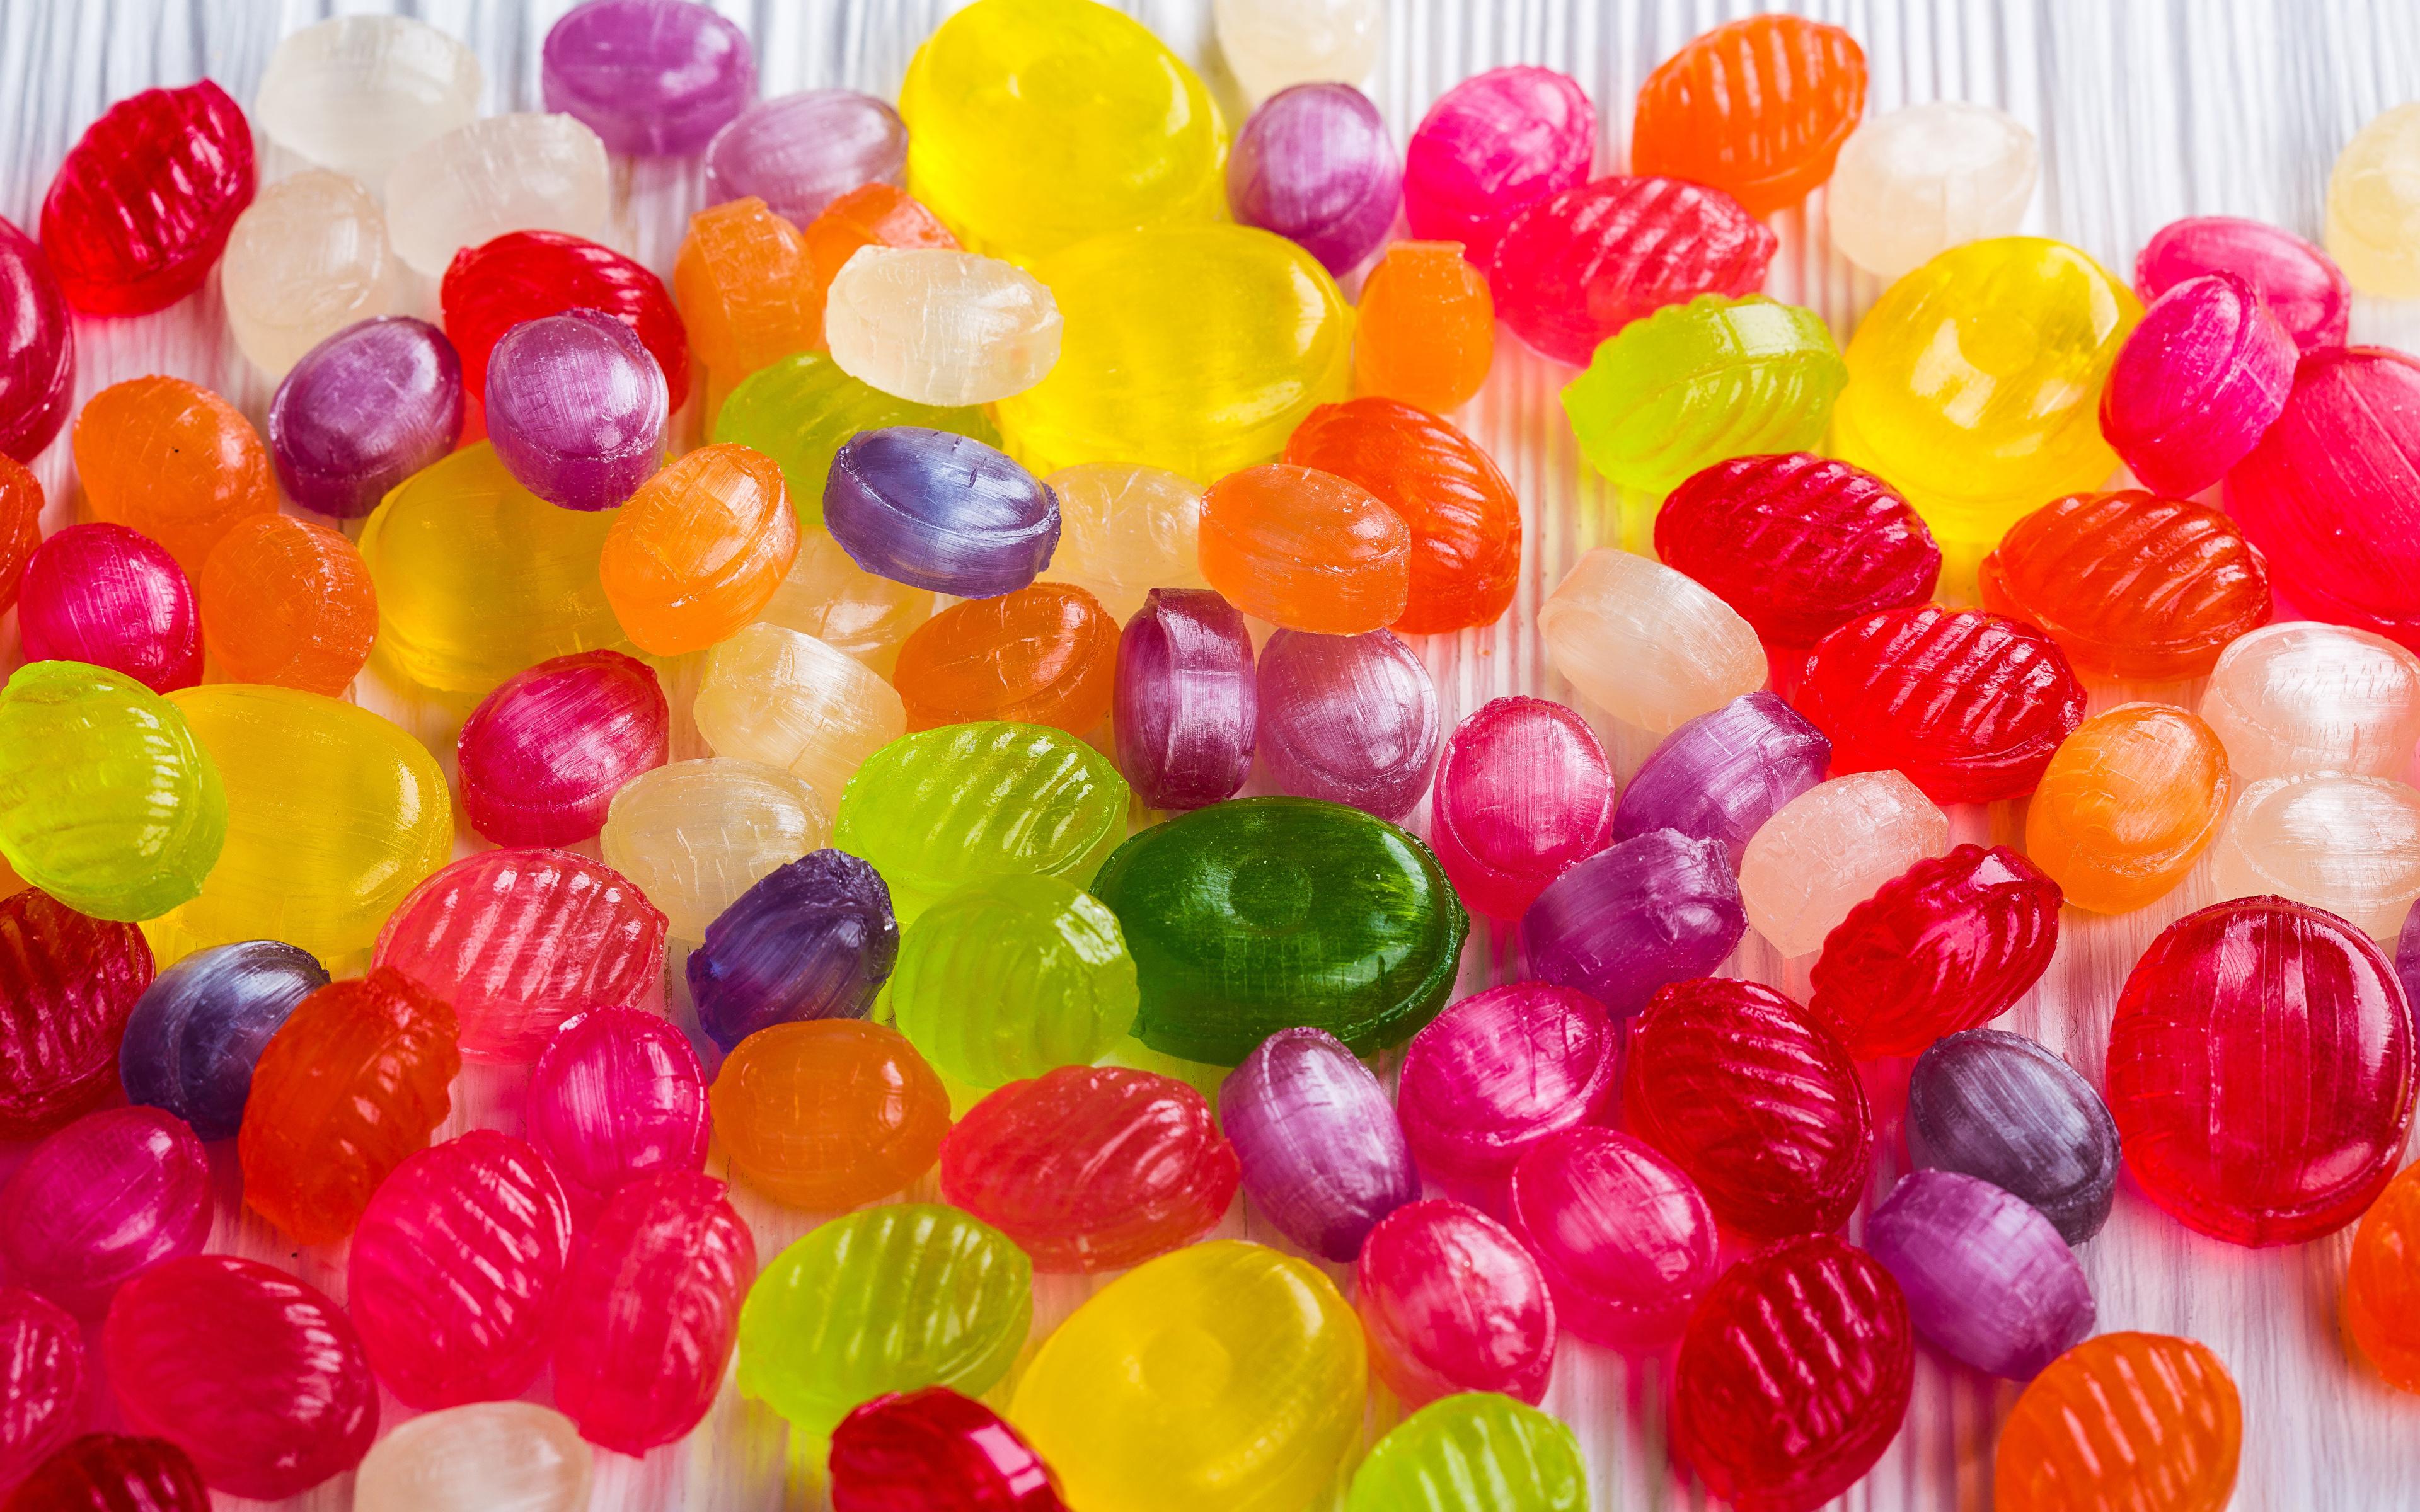 Картинка Разноцветные Конфеты Леденцы Еда Много Сладости 3840x2400 Пища Продукты питания сладкая еда